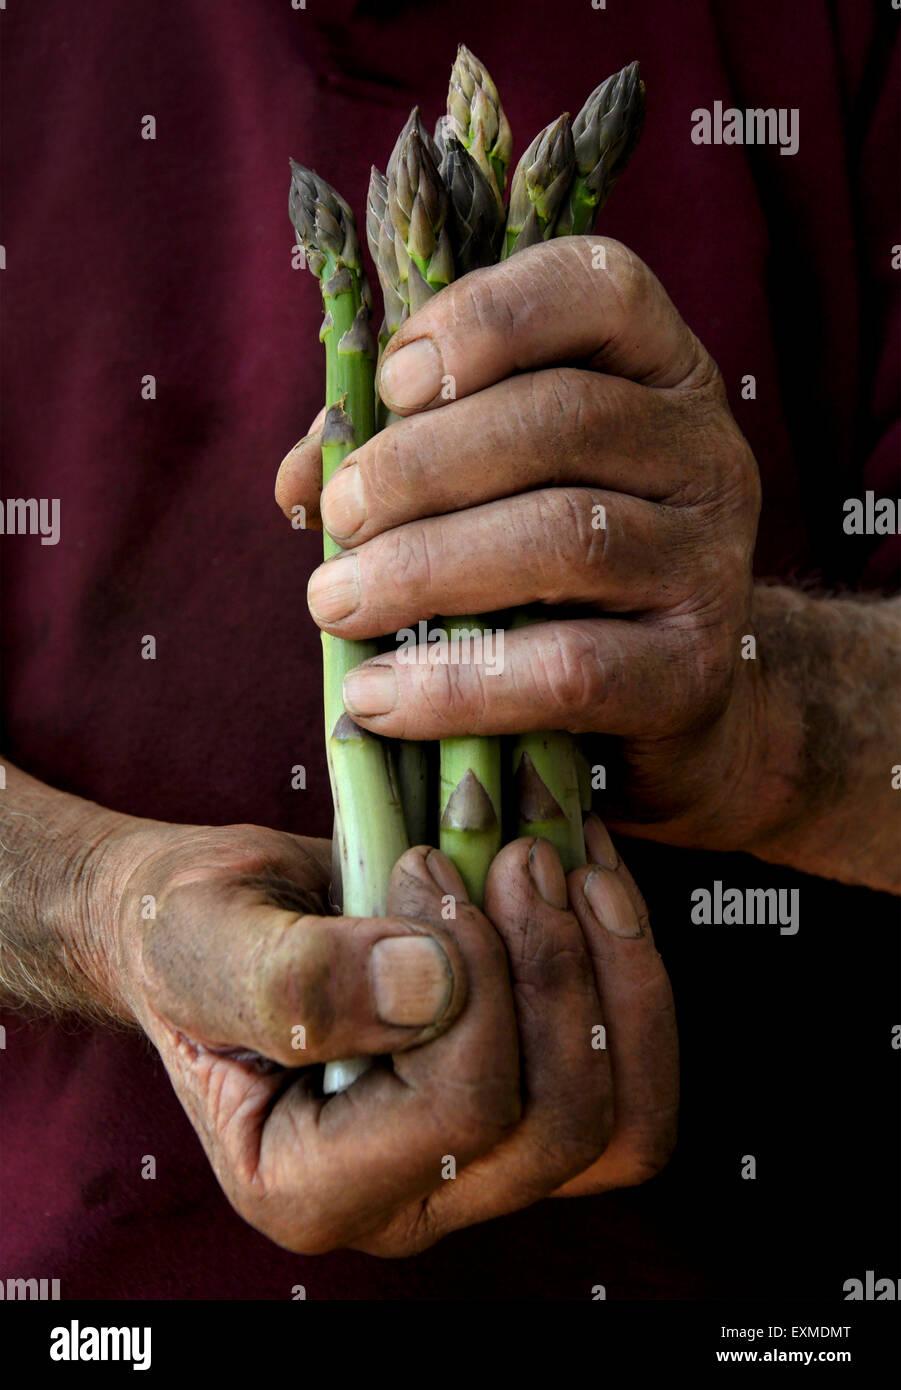 Un coltivatore o giardiniere cullano un mazzetto di asparagi Immagini Stock